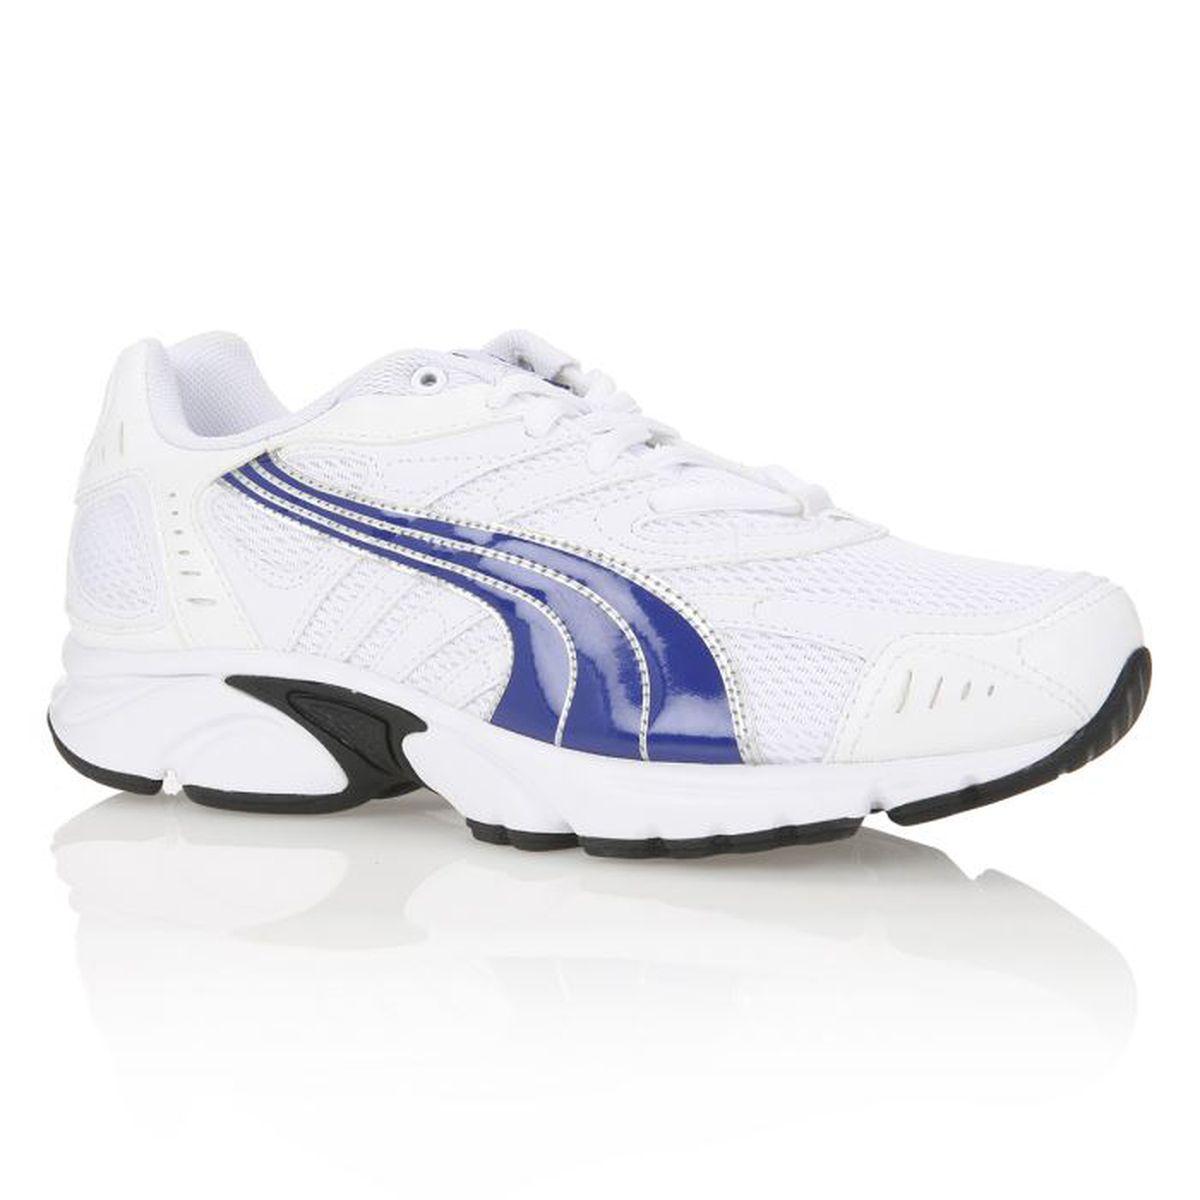 Chaussures Vente Xenon Et Sportswear Bleu Puma Blanc Femme Achat m0nwvN8